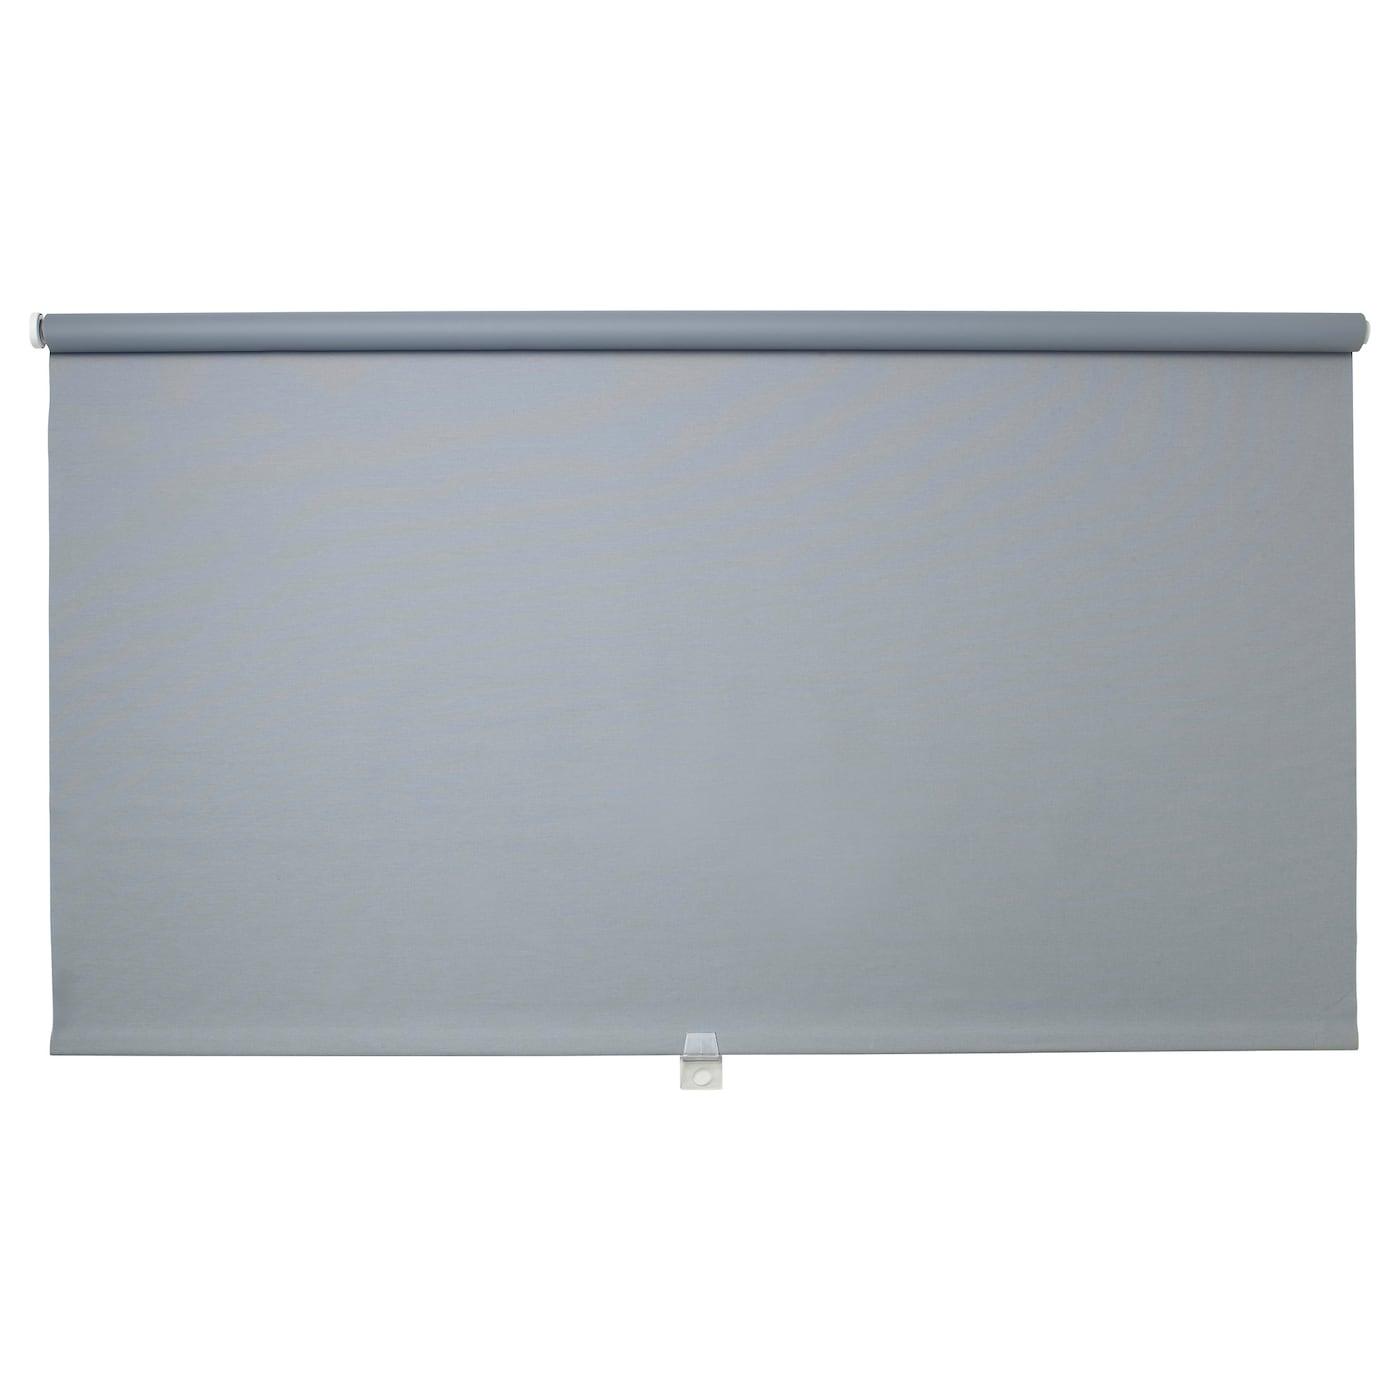 tupplur store enrouleur occultant gris 120x195 cm ikea. Black Bedroom Furniture Sets. Home Design Ideas